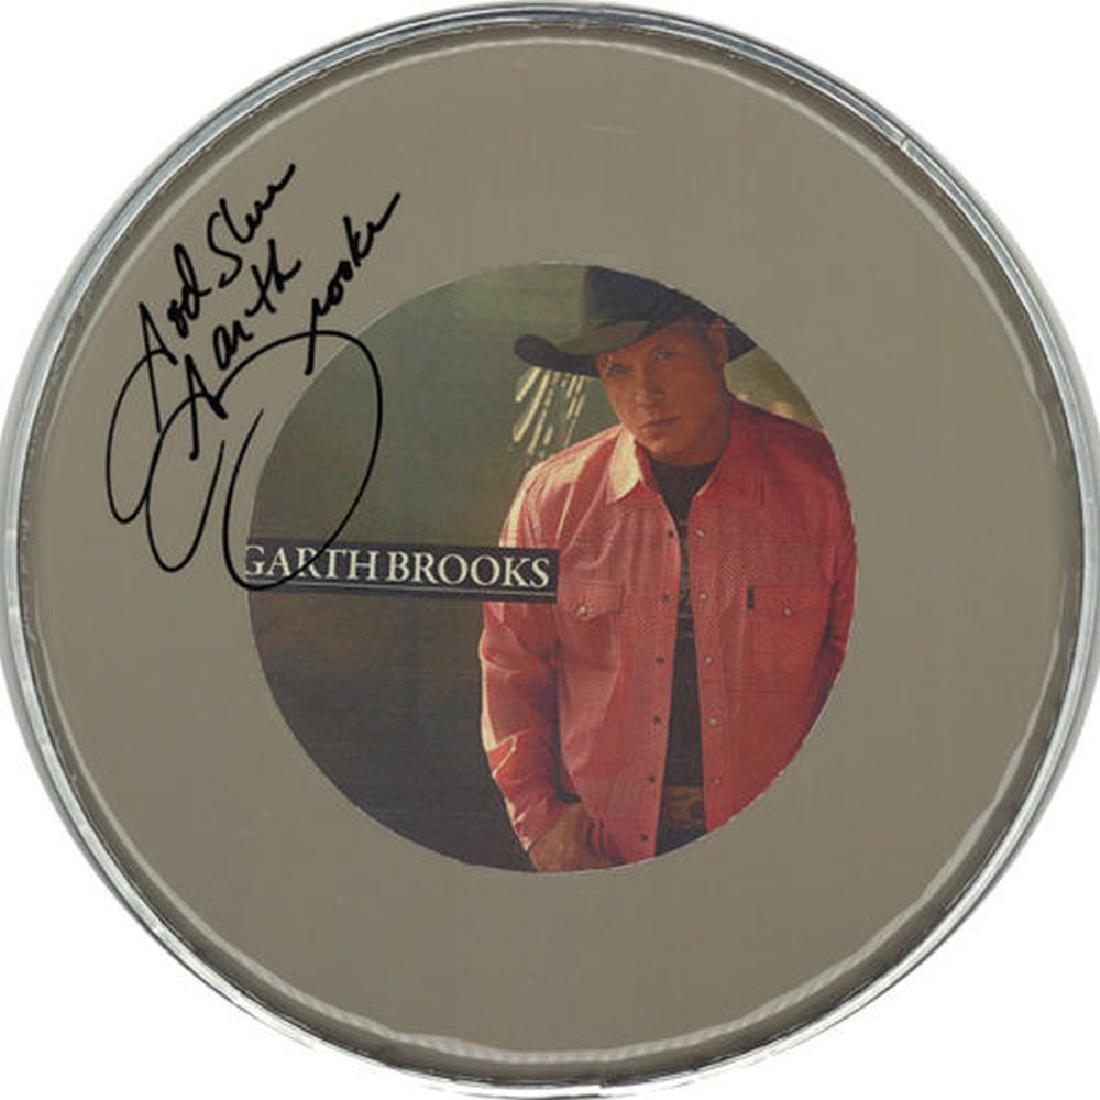 Garth Brooks Drum Head